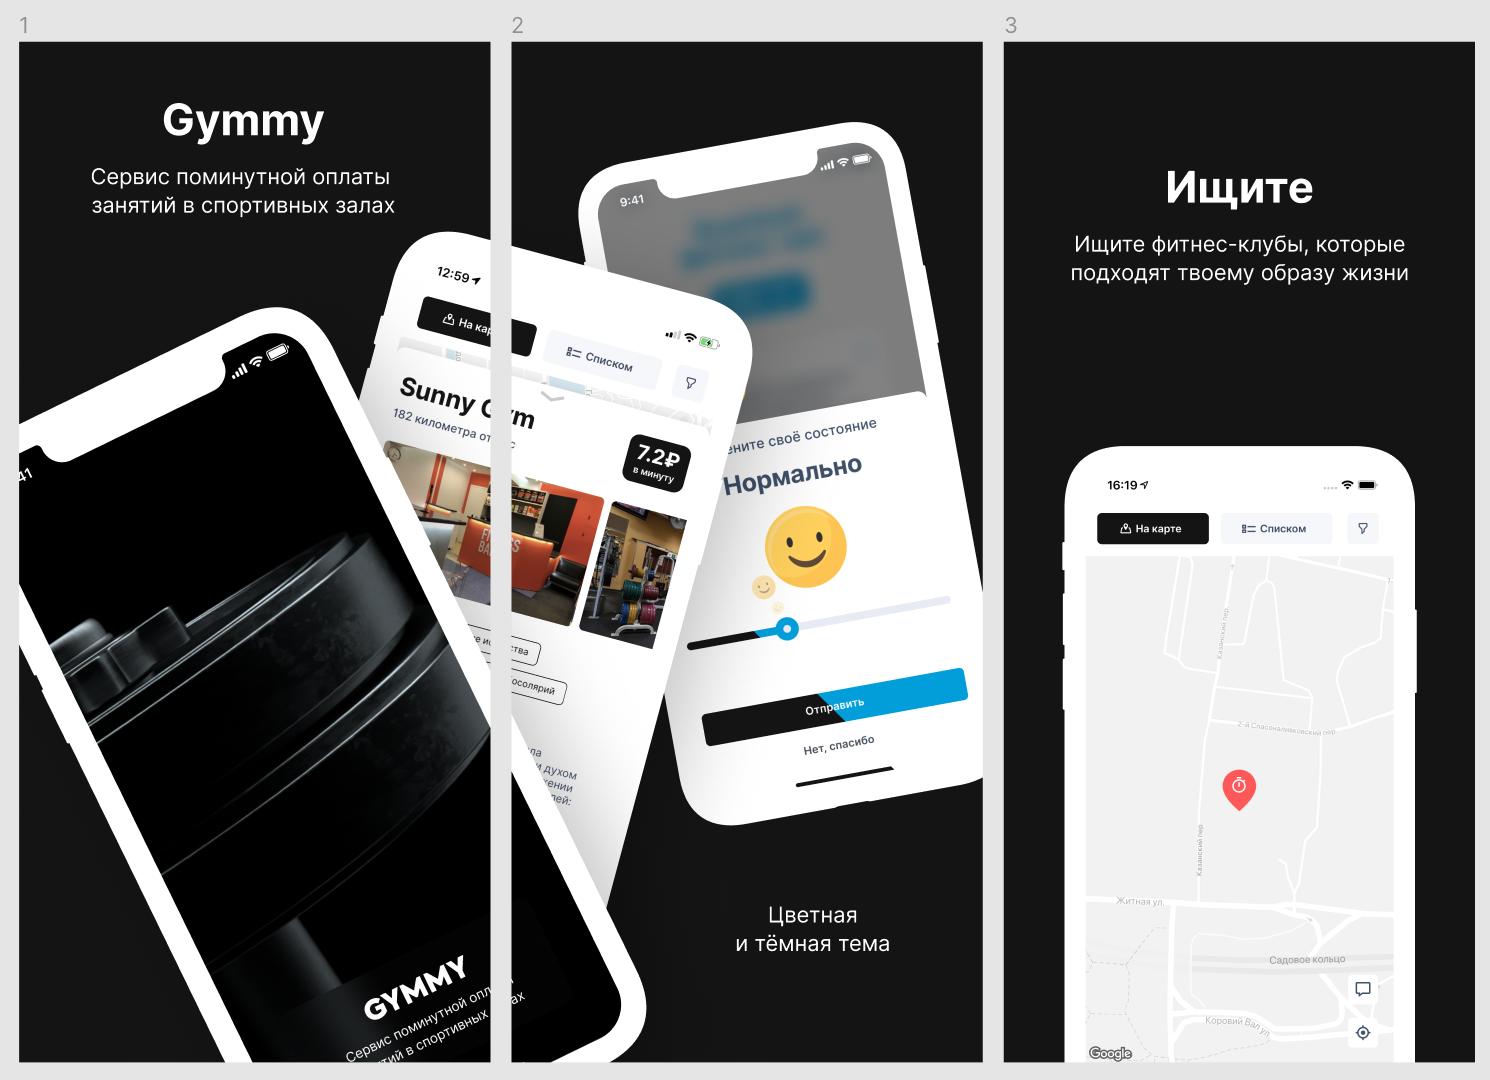 Вариант оформления Gymmy для App Store с темной темой